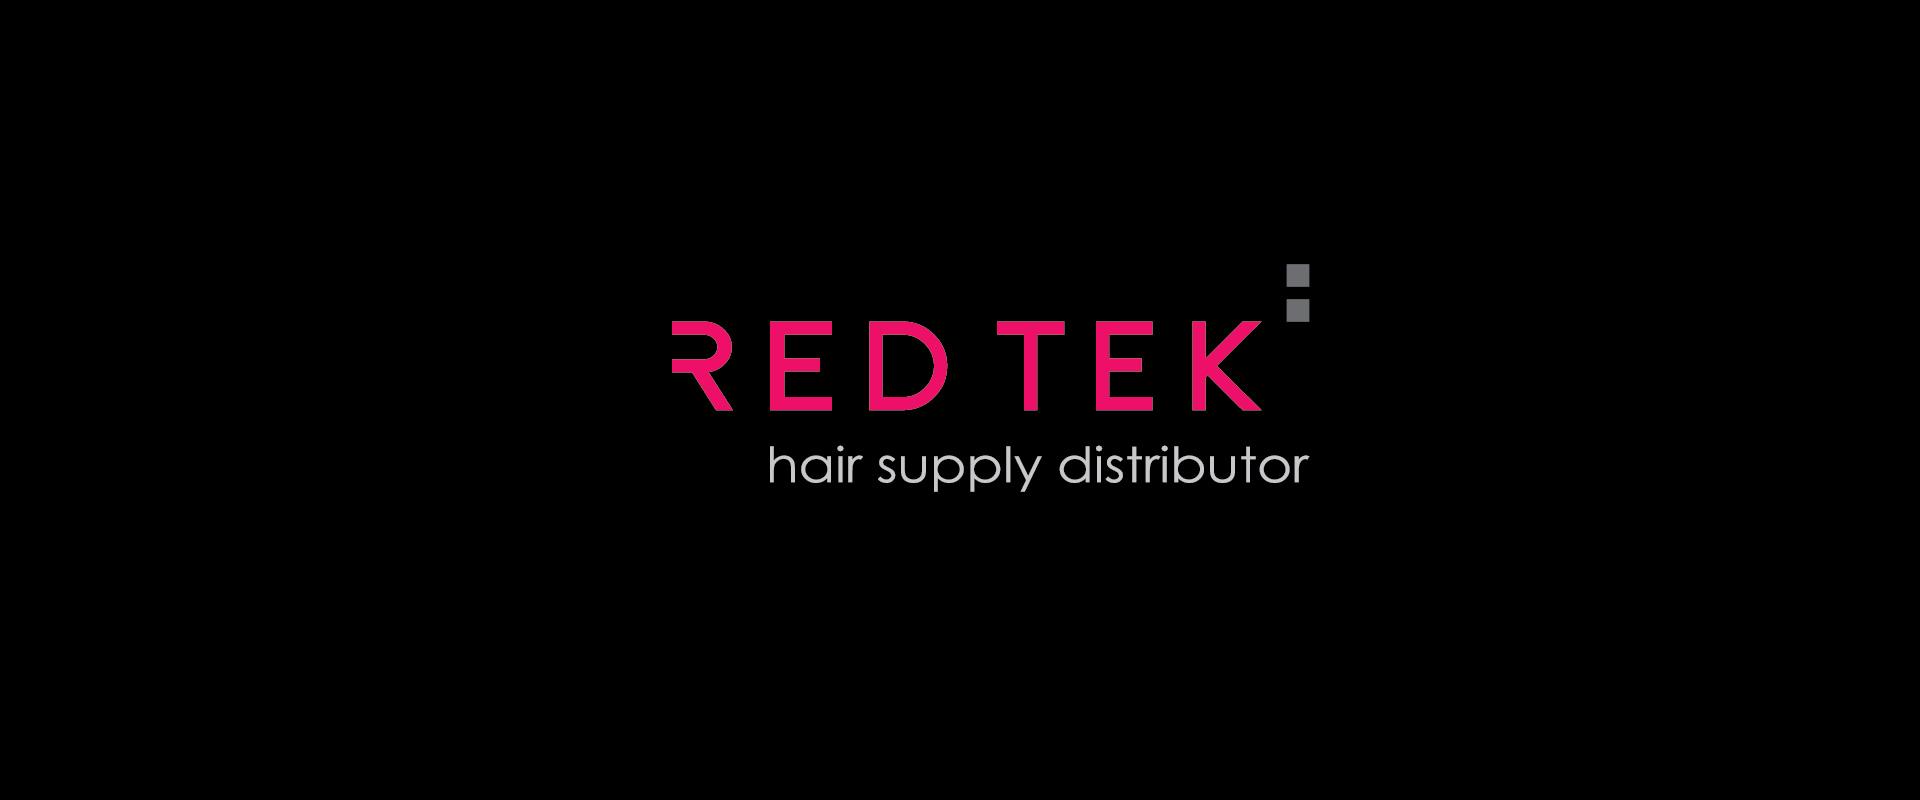 redtek-cover1